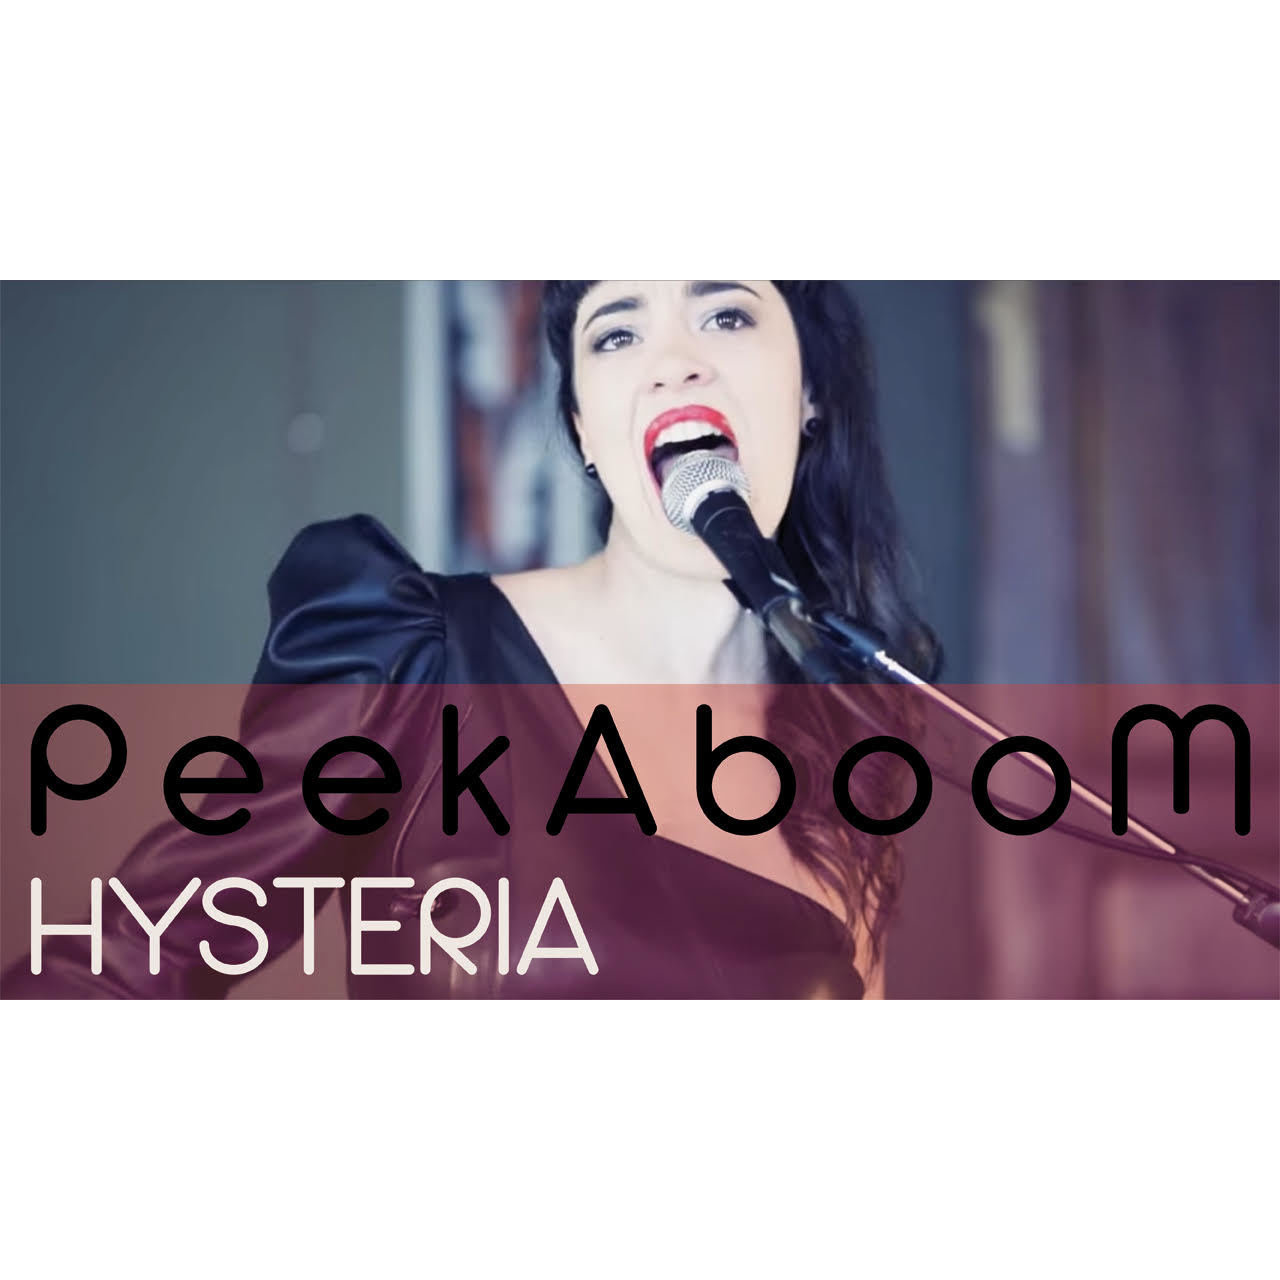 Hysteria - Peekaboom & Valerio Fuiano (Muse Cover w/GeoShred) - MP3 Single 00006